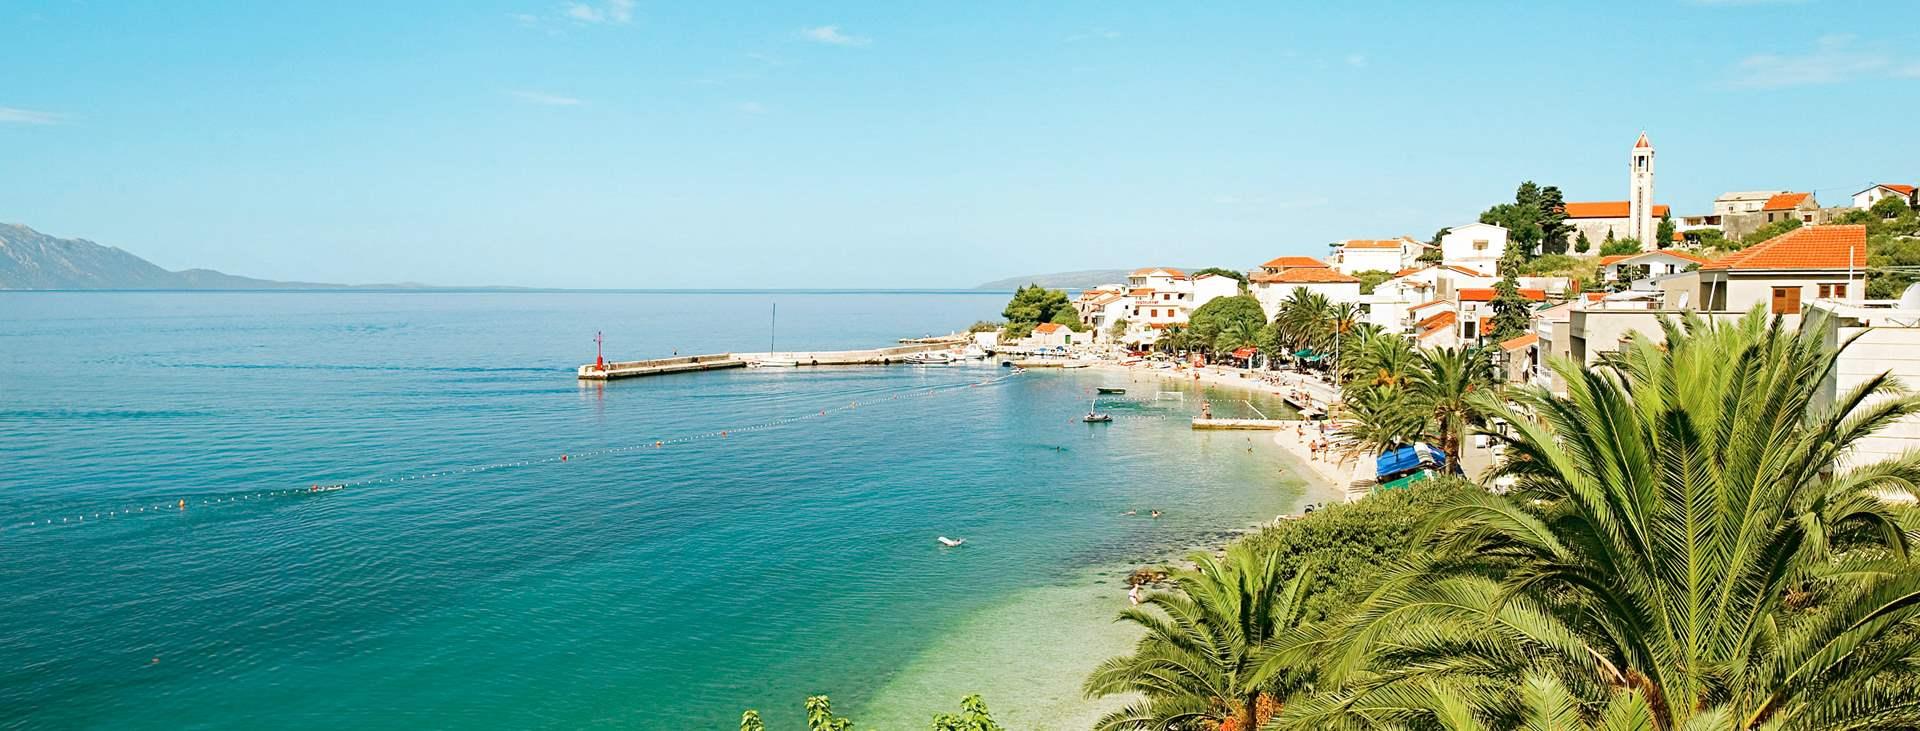 Resor till Gradac på Makarska rivieran i Kroatien